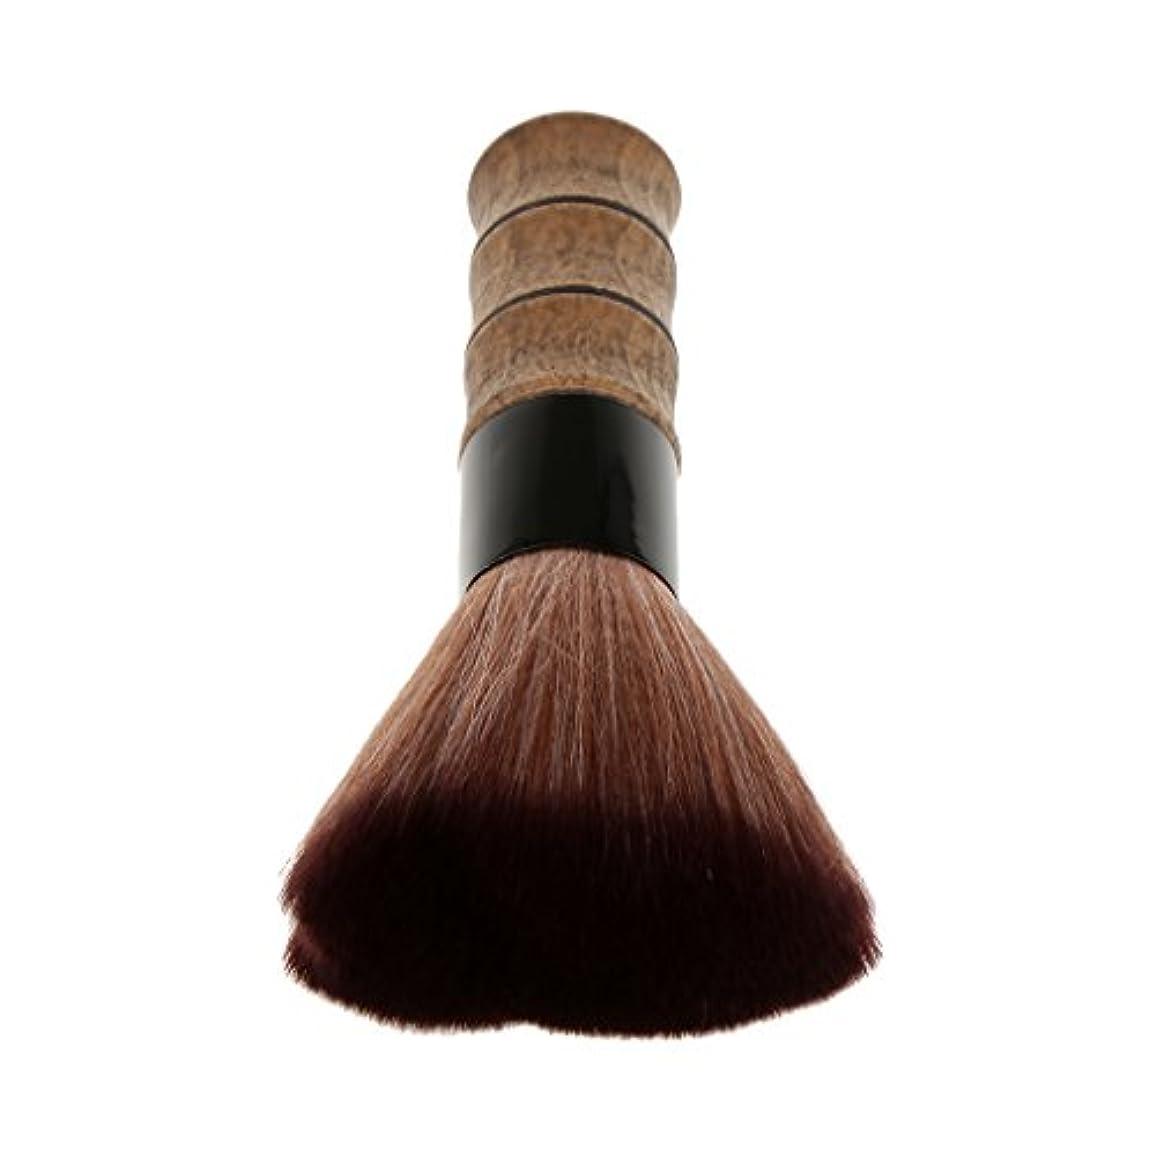 ラインエキスわかりやすいシェービングブラシ 洗顔 美容ブラシ メイクブラシ ソフトファイバー 竹ハンドル シェービング ブラシ スキンケア メイクアップ 2色選べる - 褐色